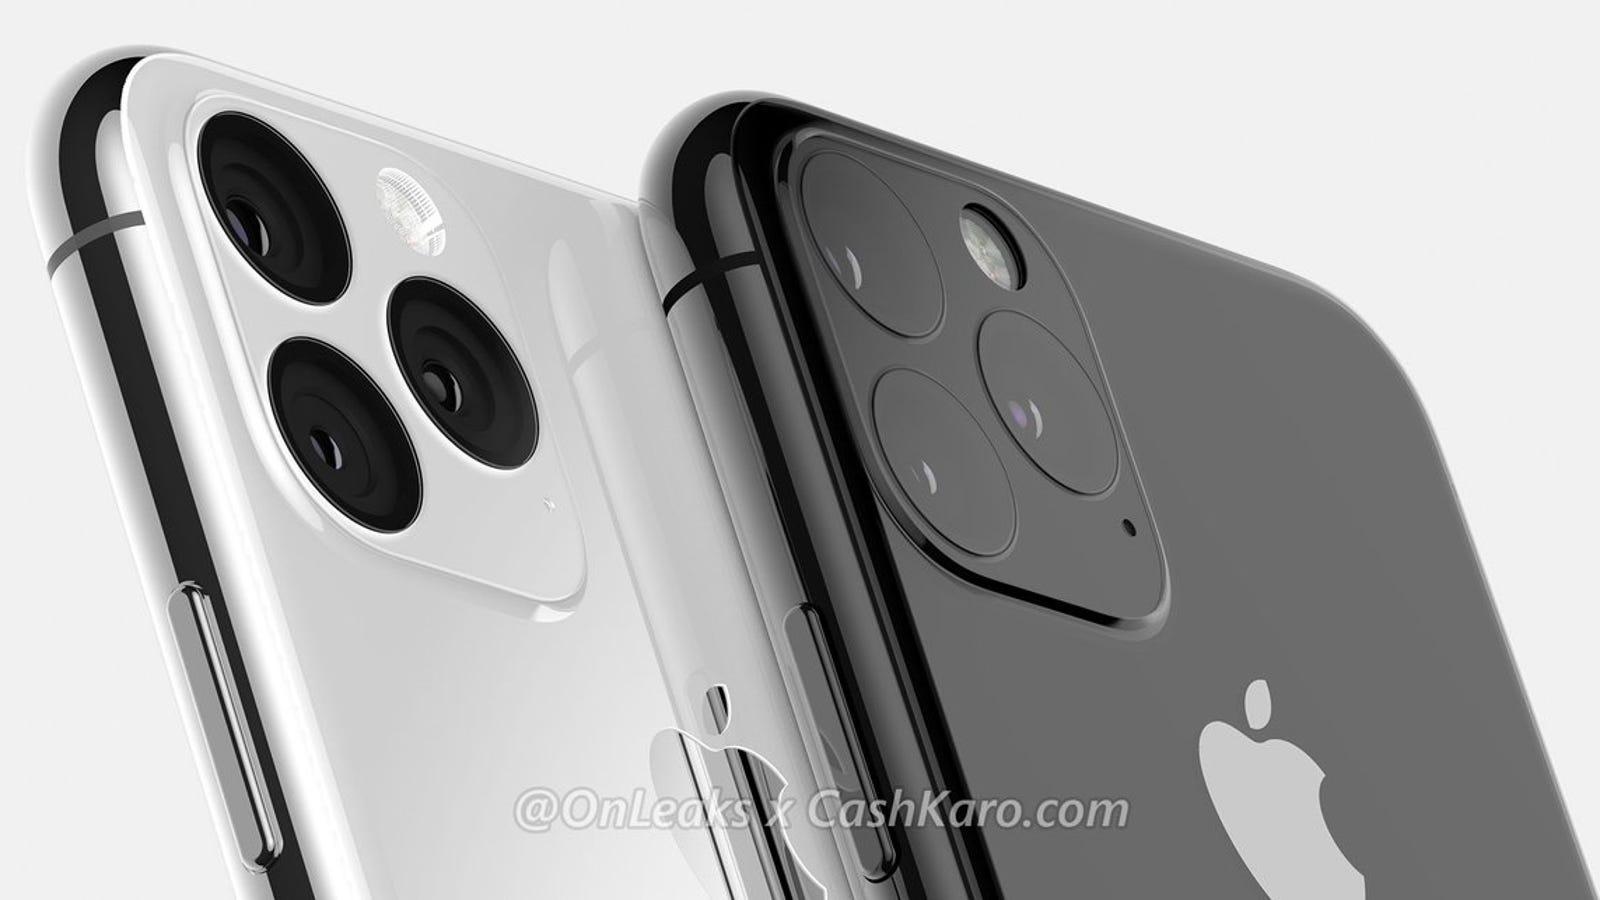 Takto funguje veľkolepá kamera iPhone 11